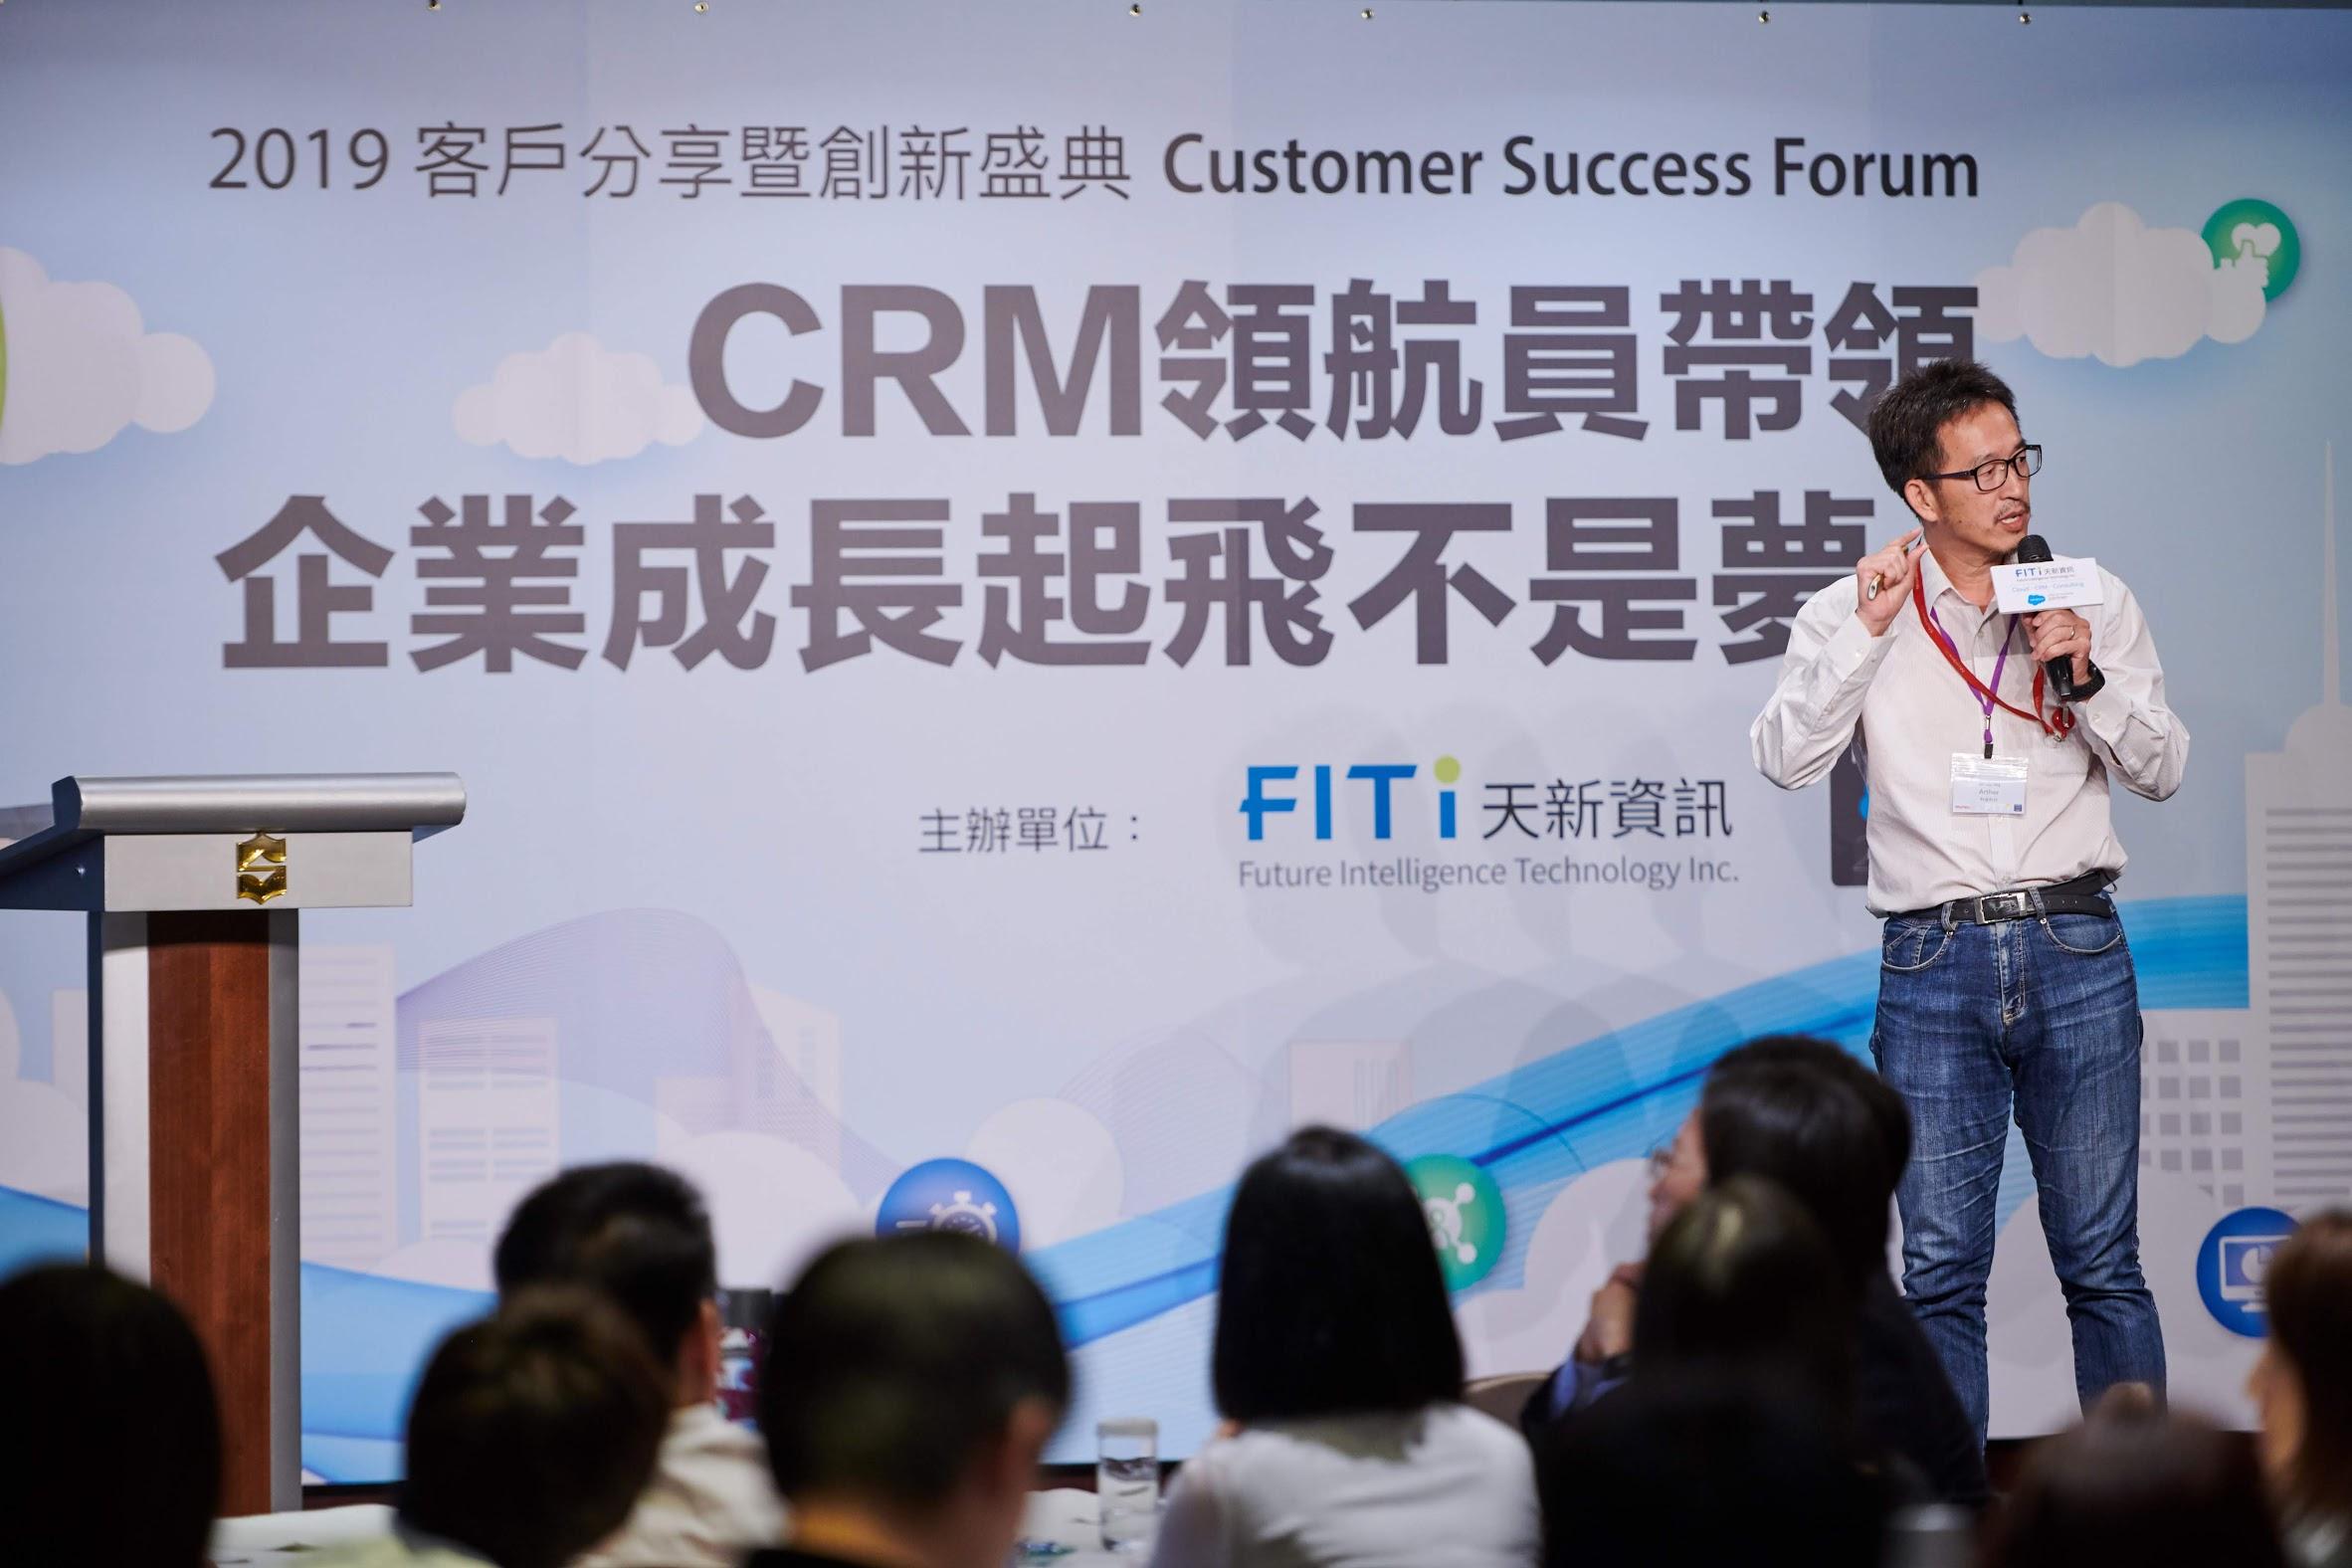 想要企業轉型成功,您一定要知道CRM導入、使用成功的五大重點